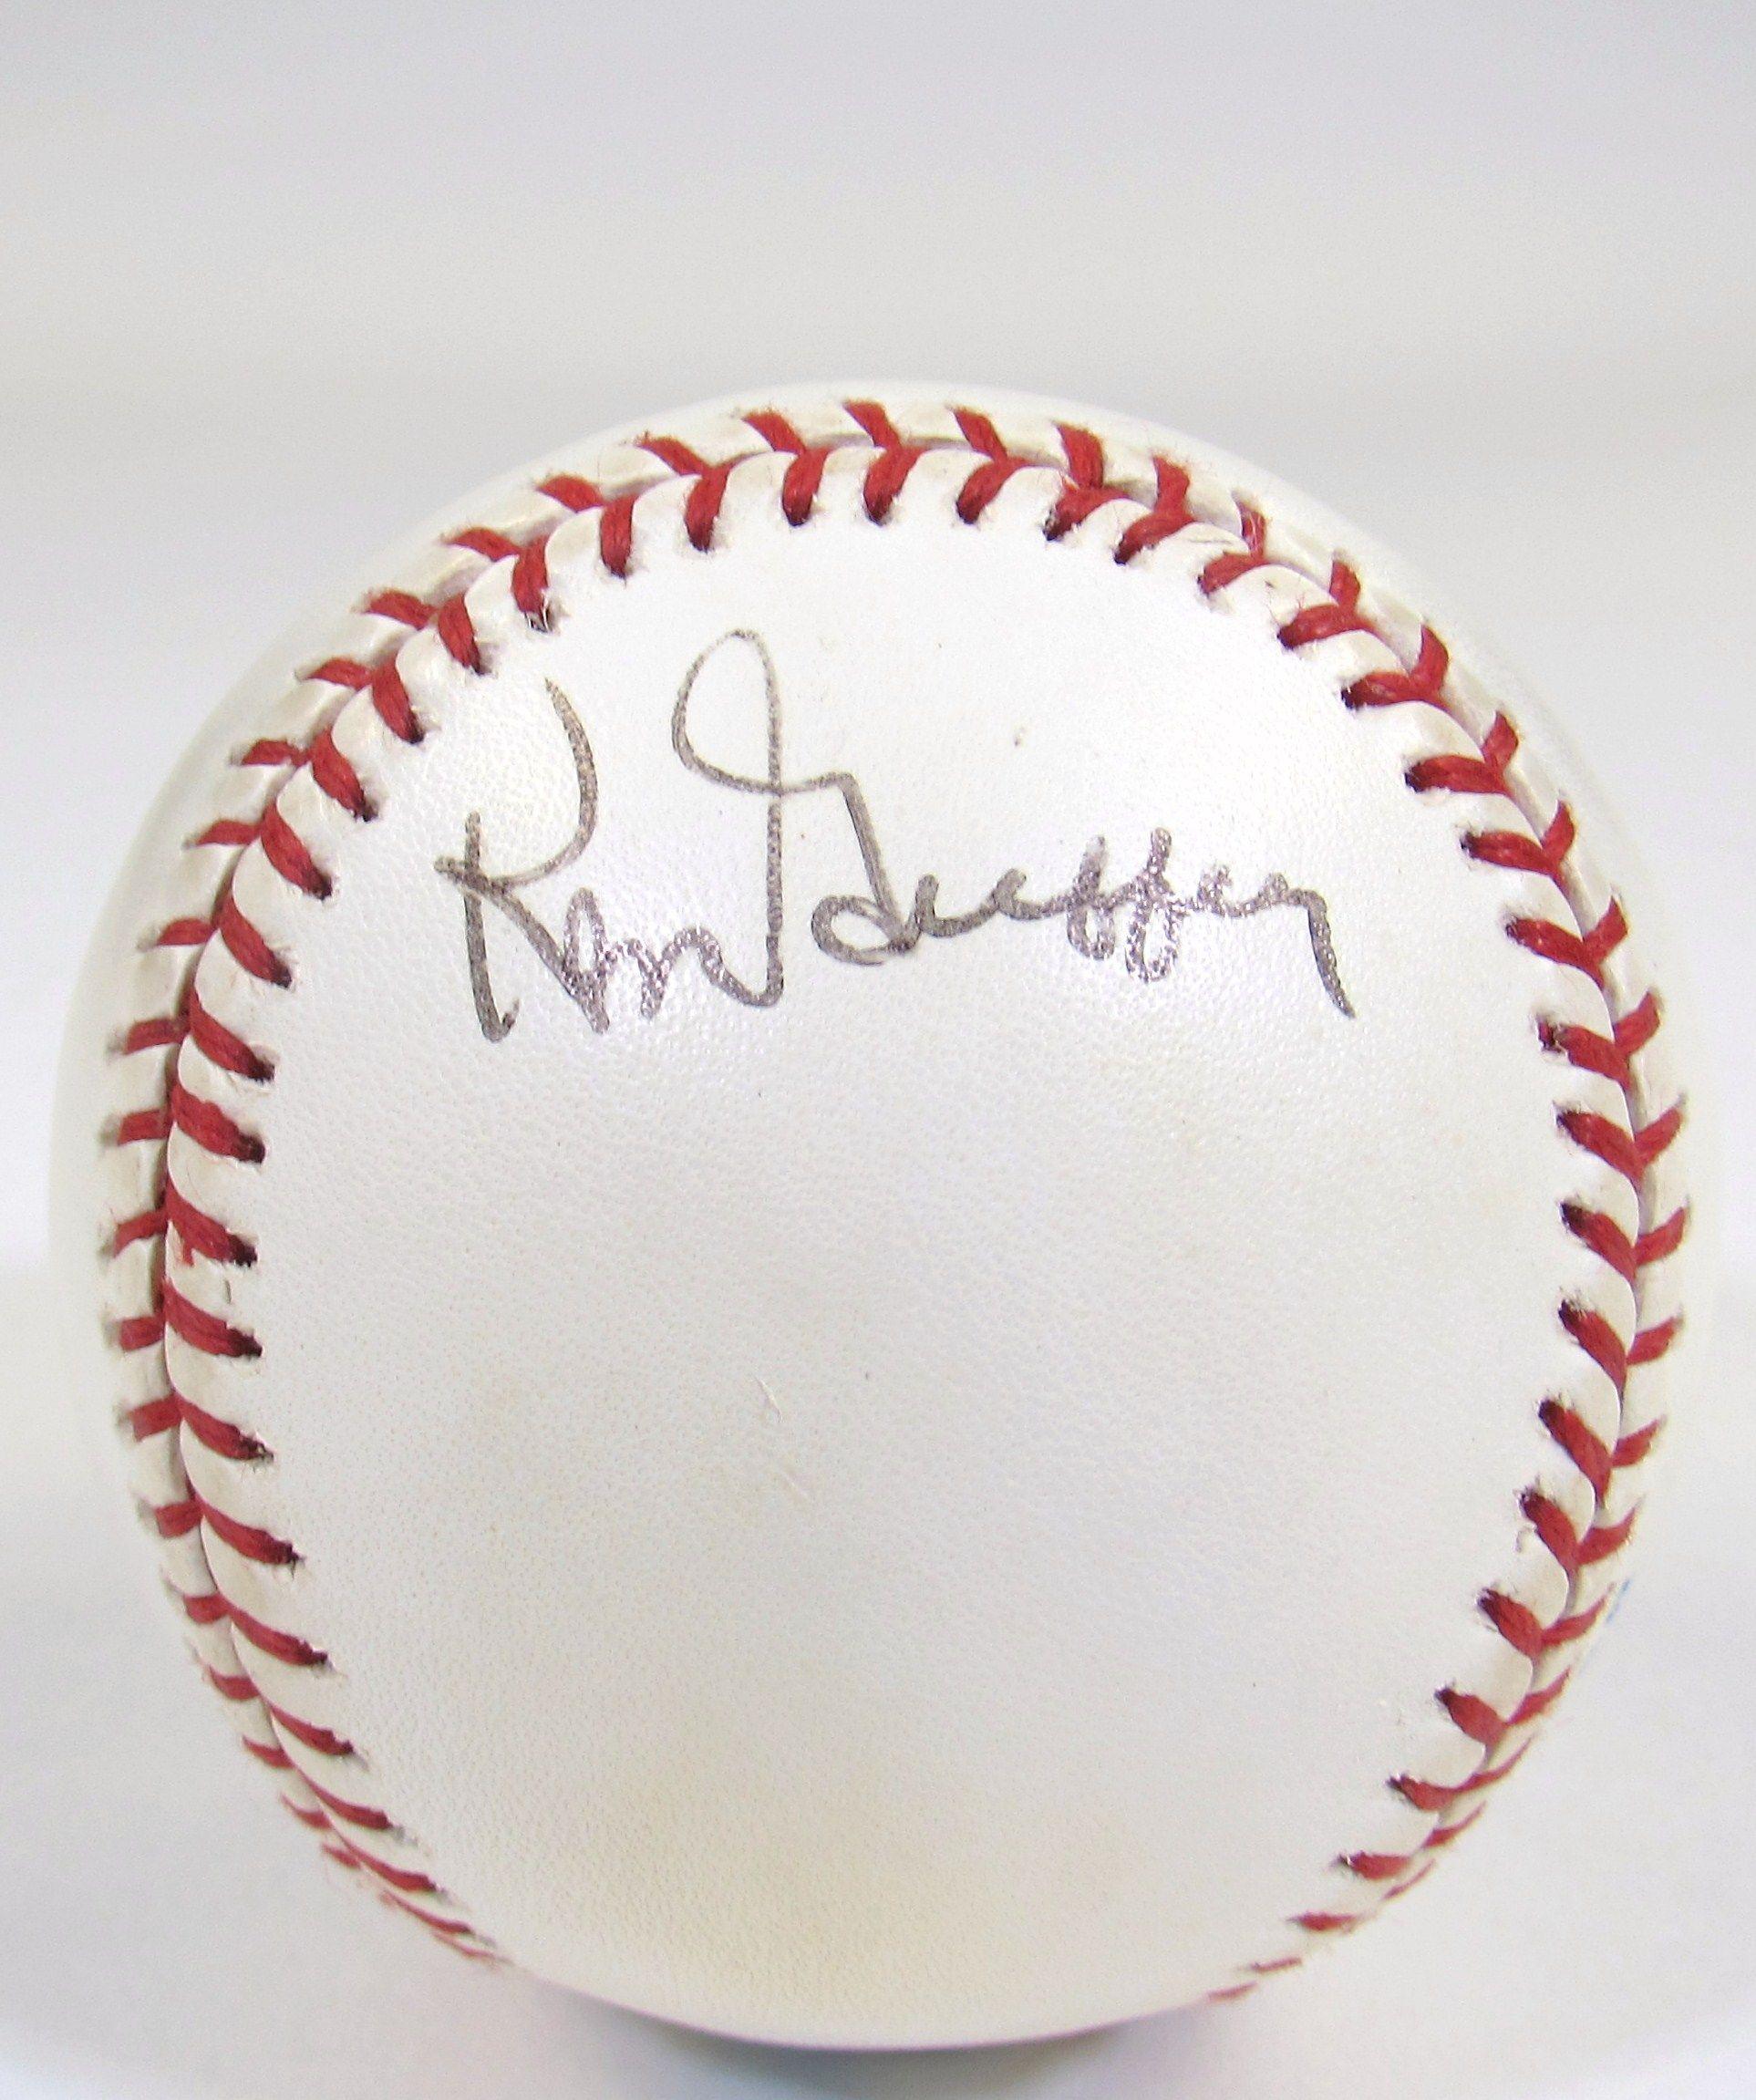 48dd7e47de Lot Detail - Ken Griffey Sr. & Ken Griffey Jr. Signed Ball